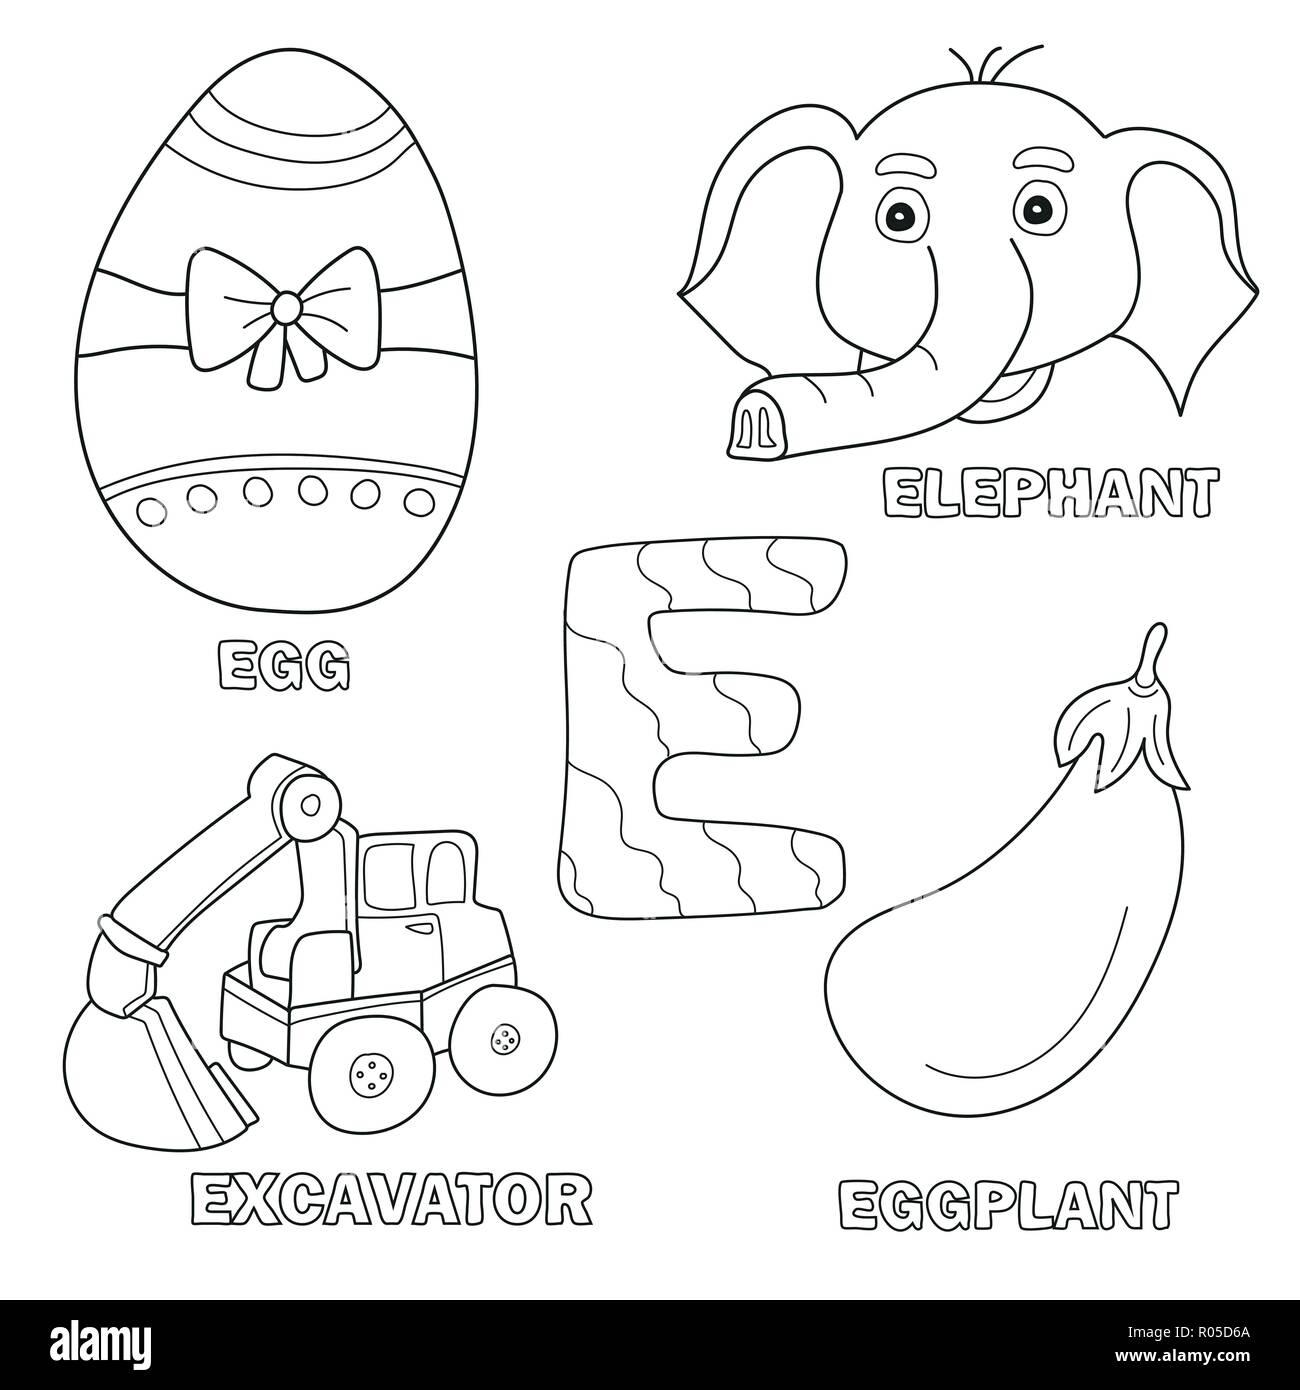 Cartoon Illustration Cute Capital Letter Stock Photos